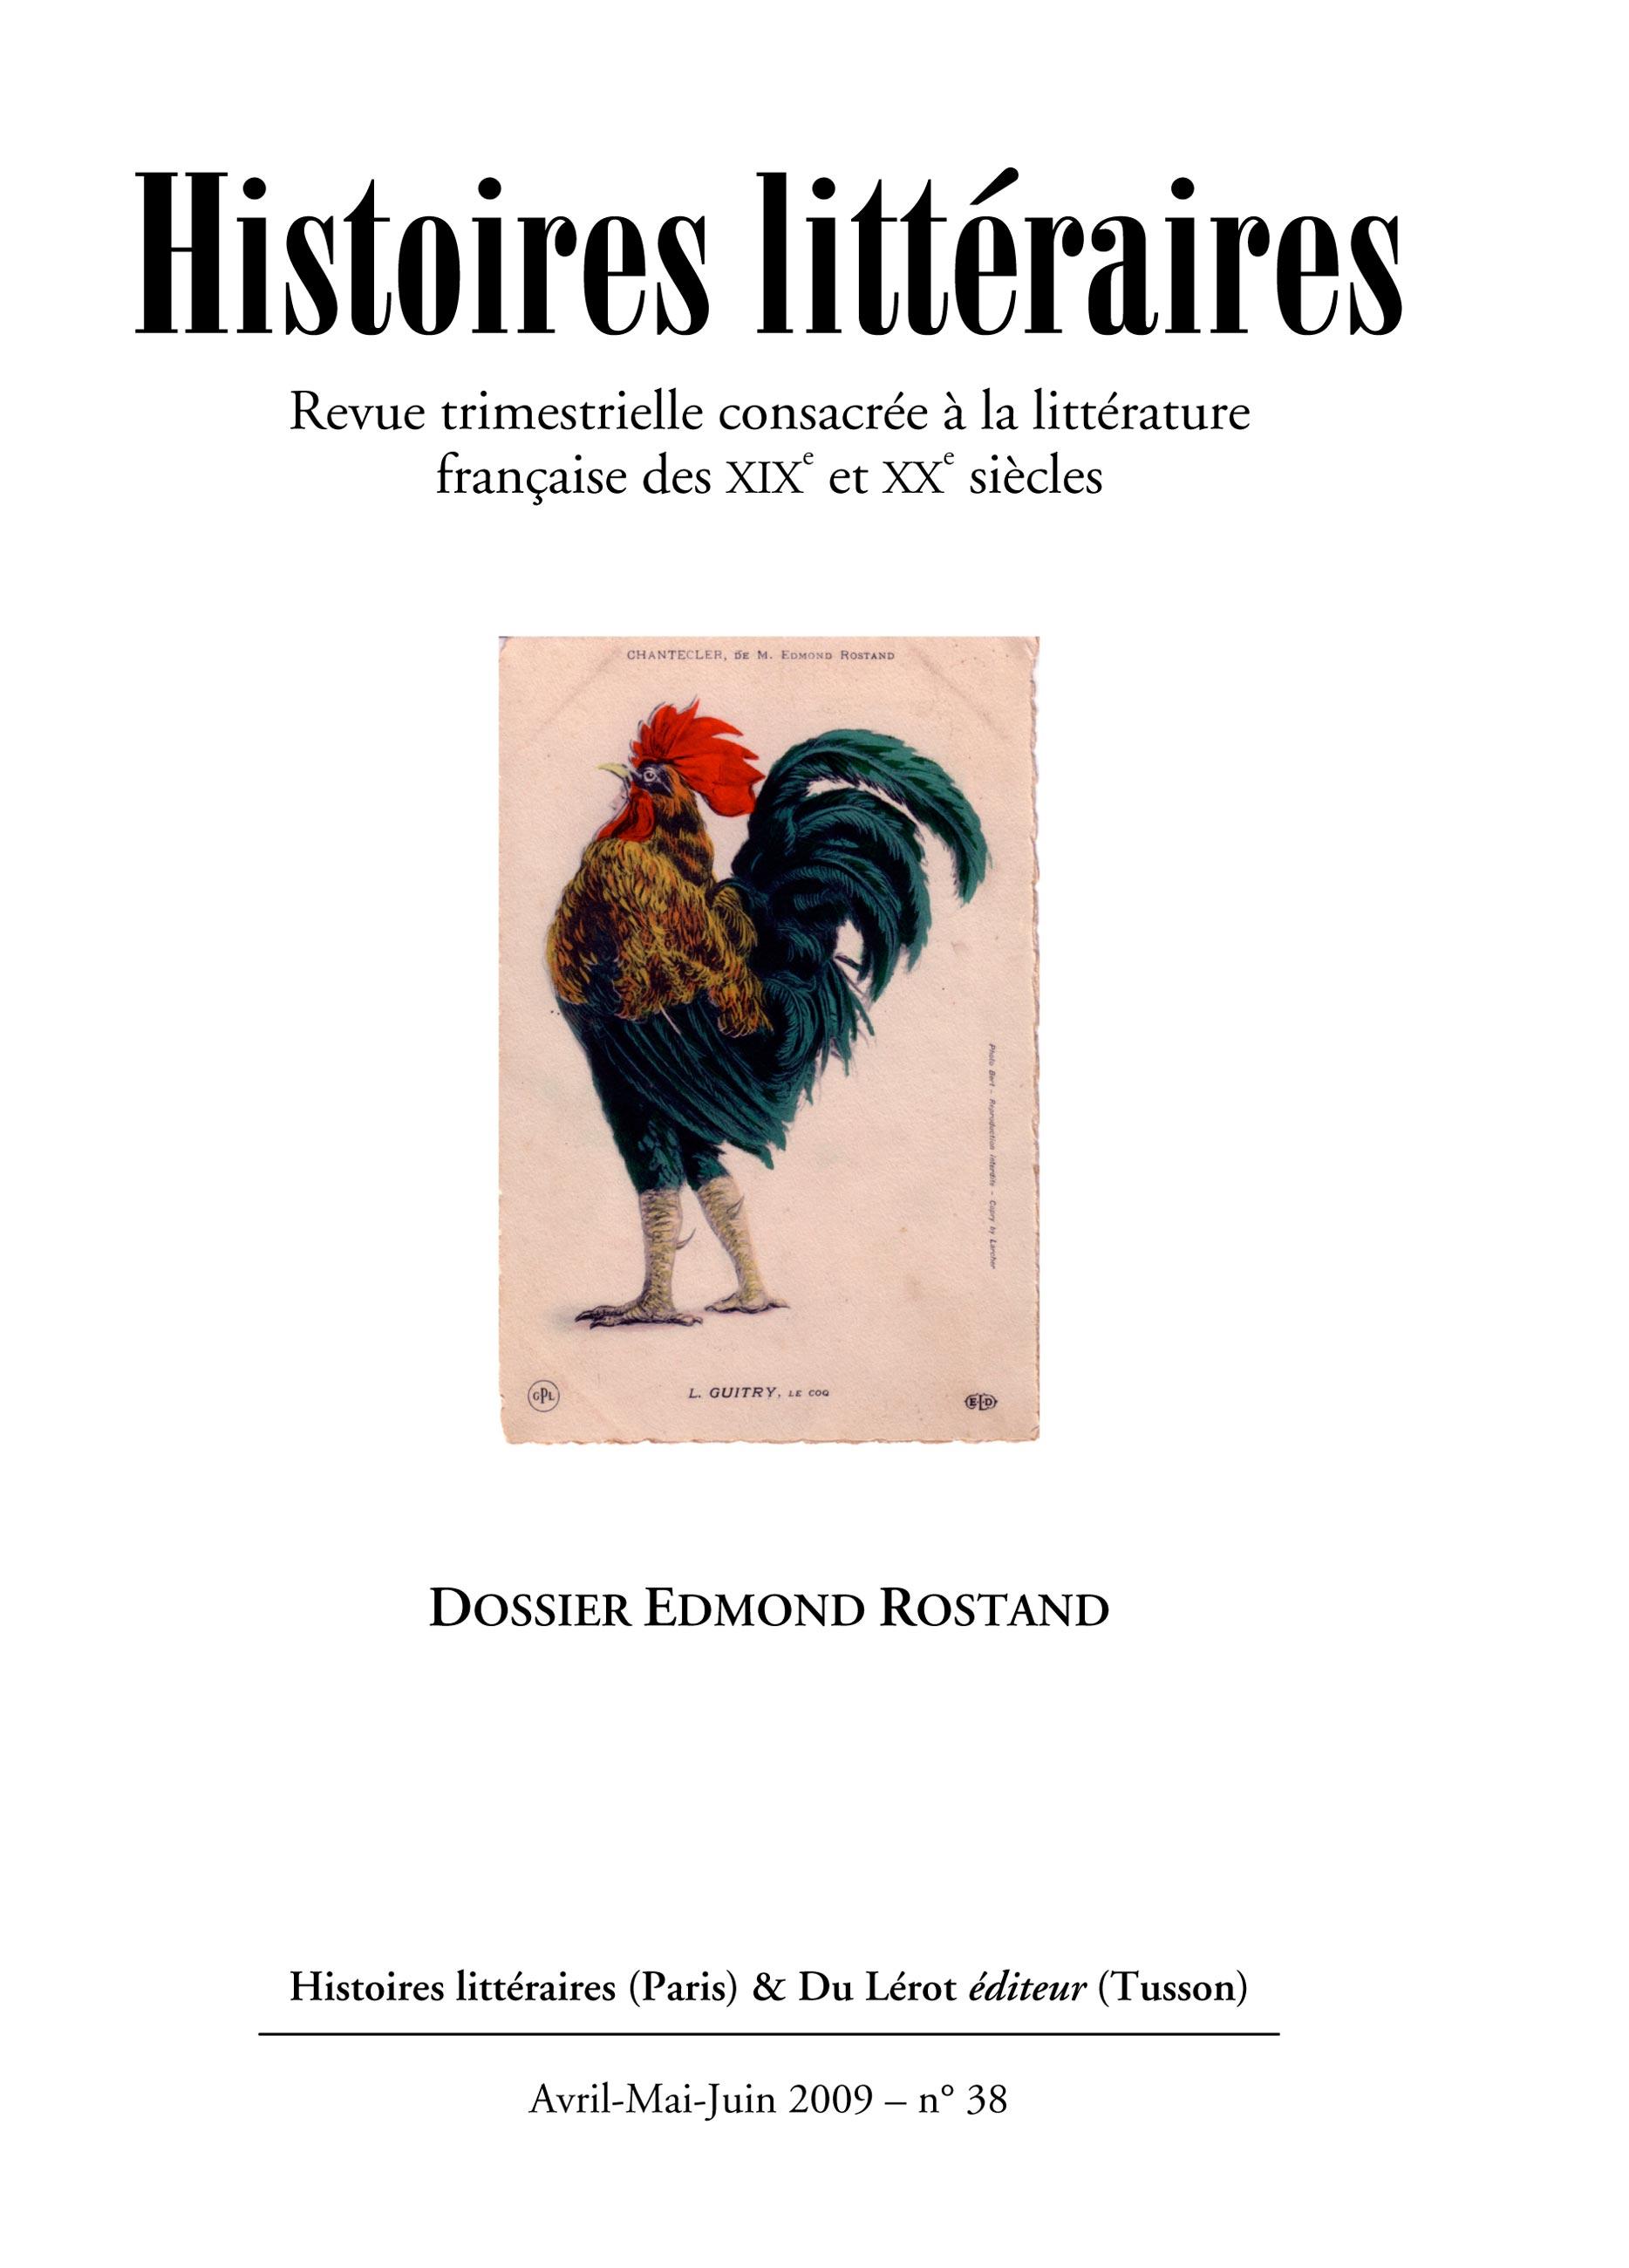 Couverture d'Histoires littéraires n°38